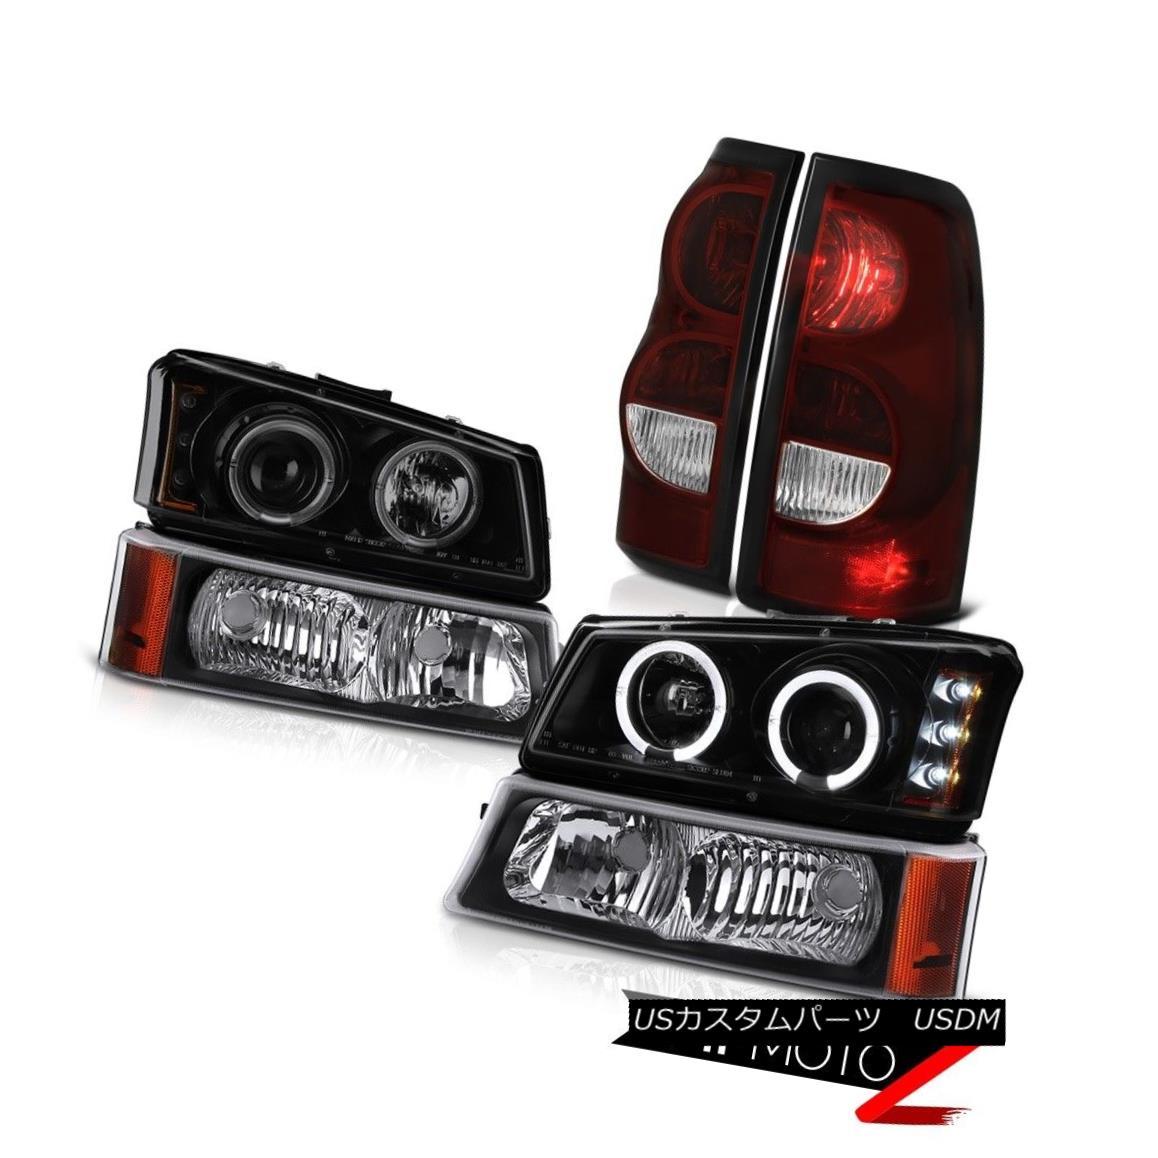 テールライト 2003-2006 Silverado Smokey Red Rear Brake Lamps Black Parking Lamp Headlights 2003-2006シルバラードスモーキーレッドリアブレーキランプブラックパーキングランプヘッドライト